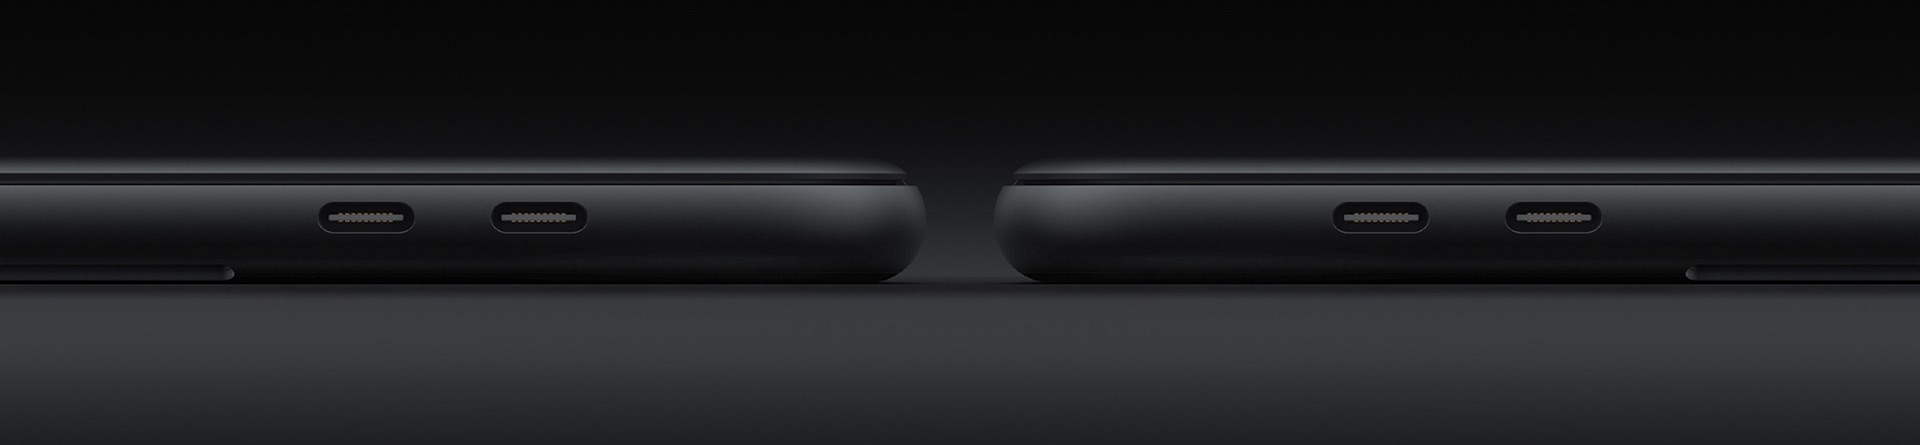 Concept van MacBook Pro vanaf de zijkant.